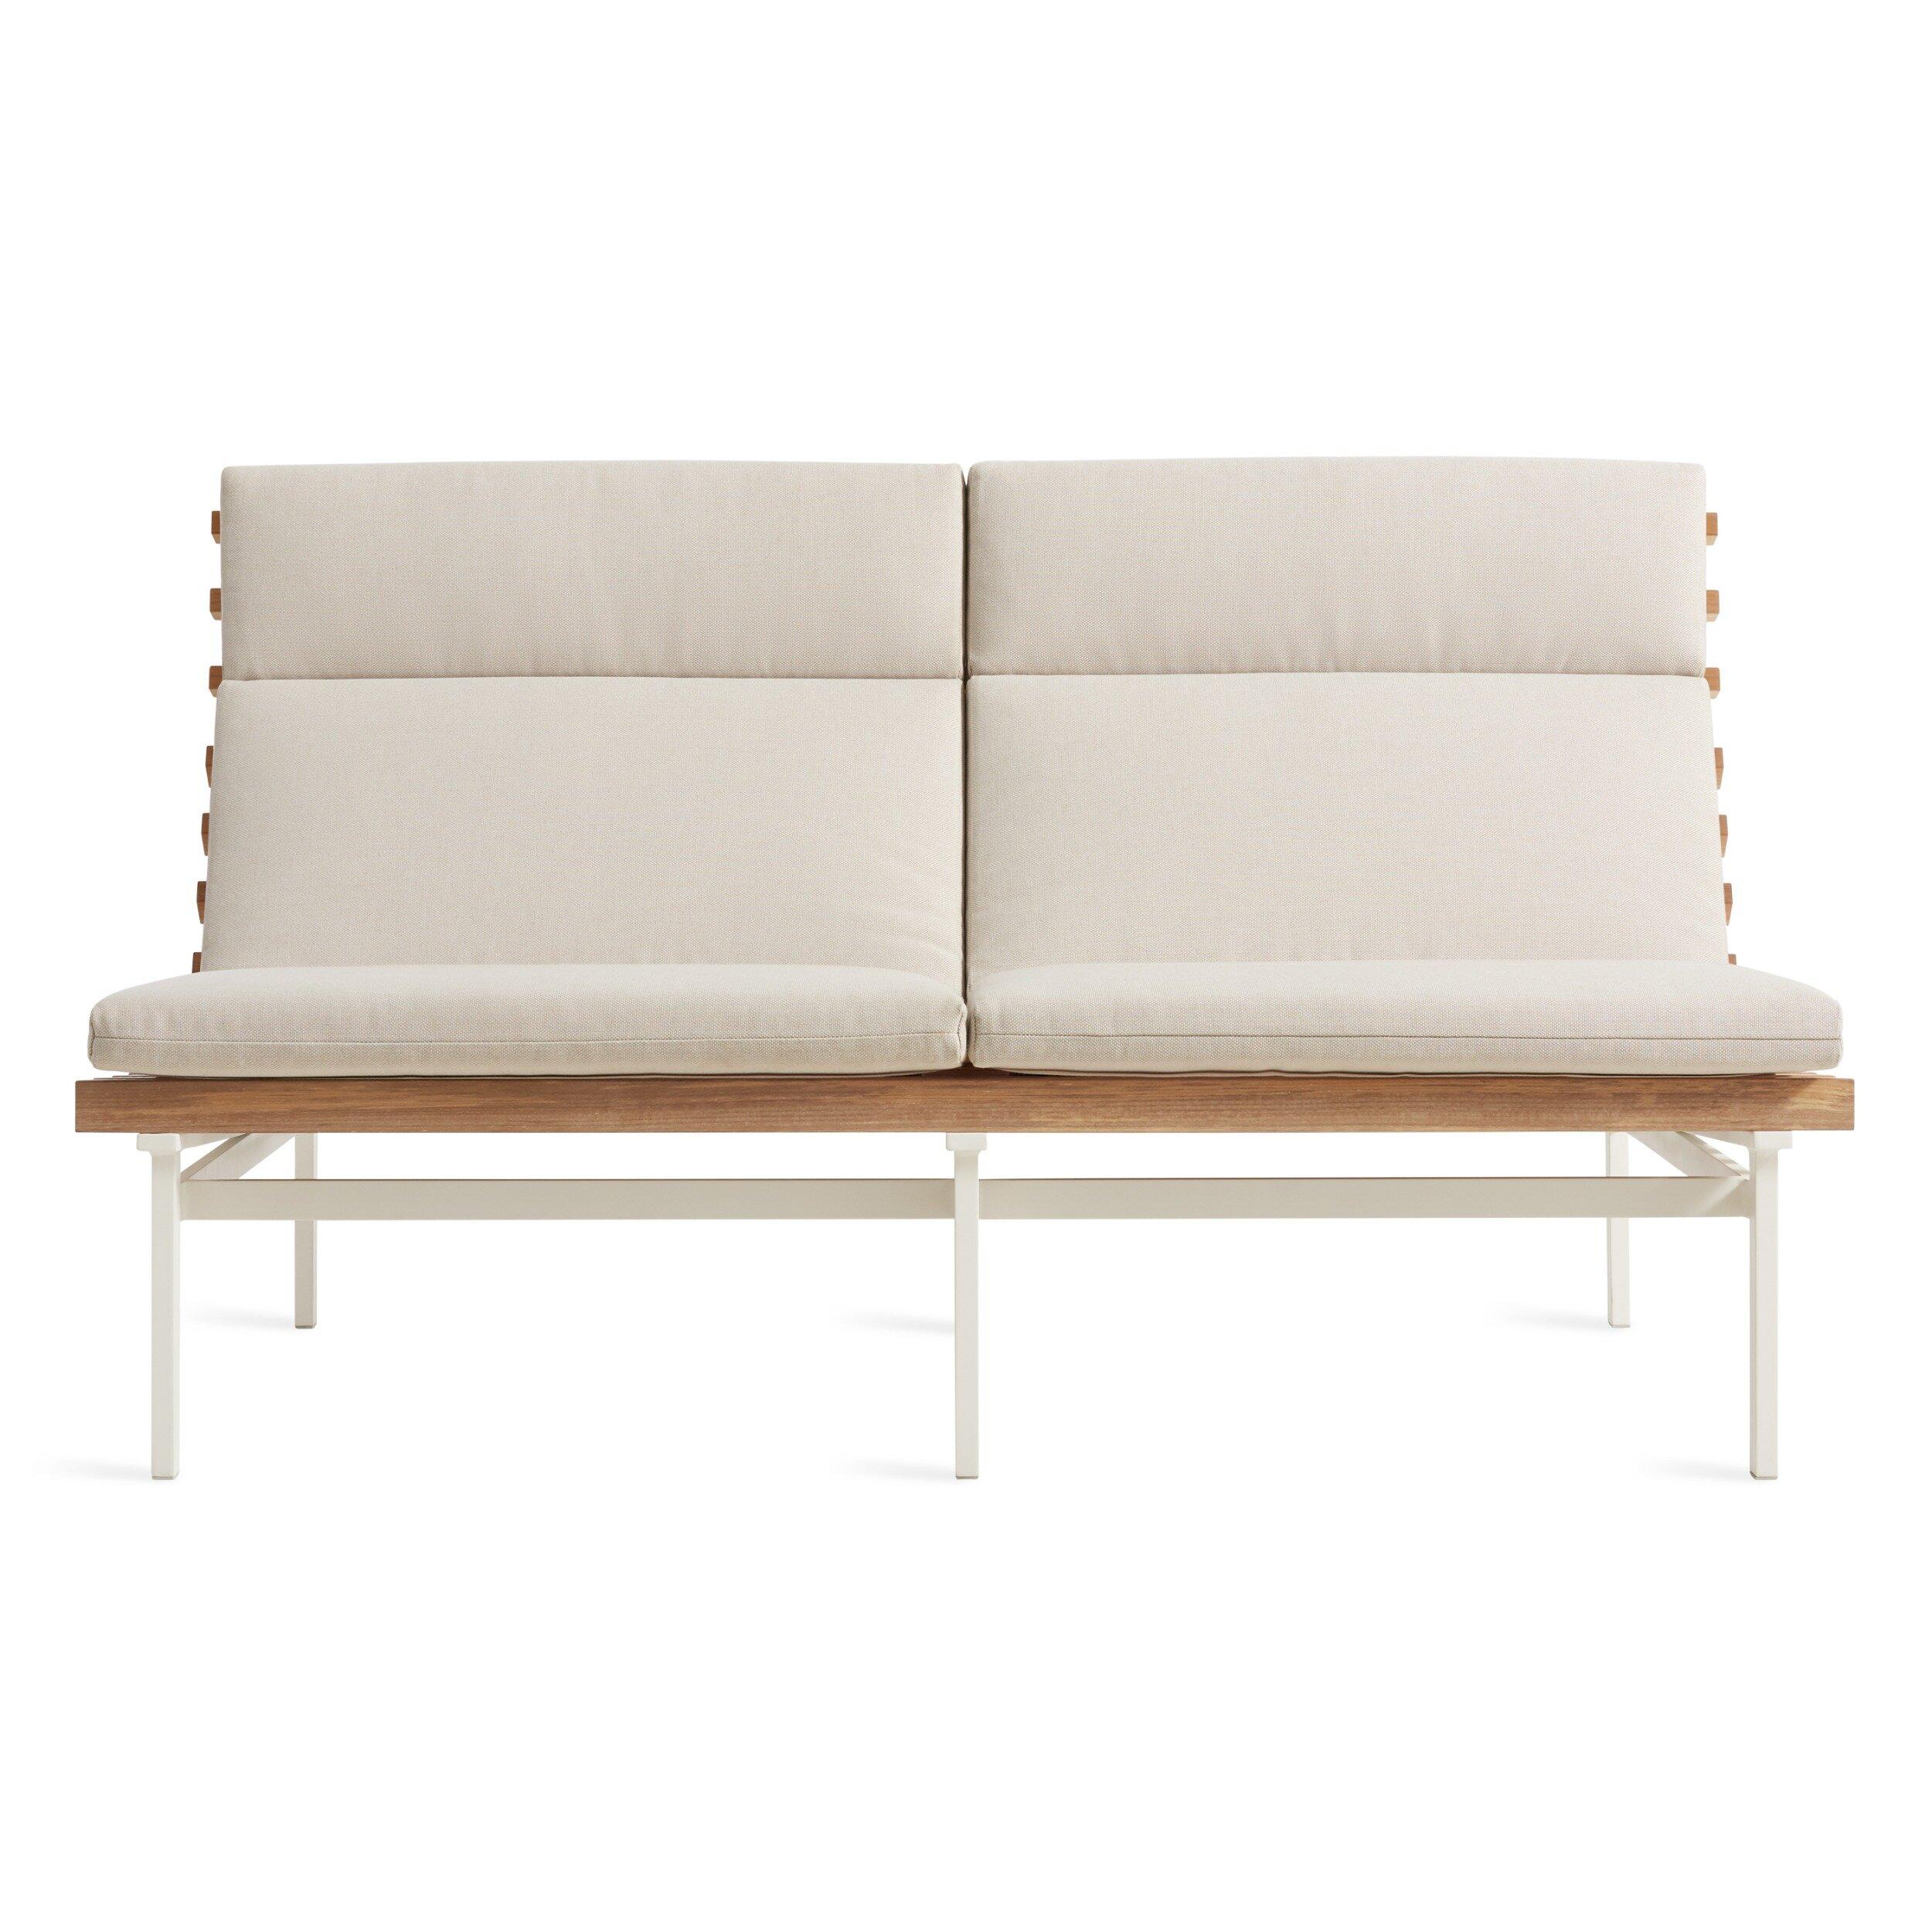 Perch Outdoor 2 Seat Sofa